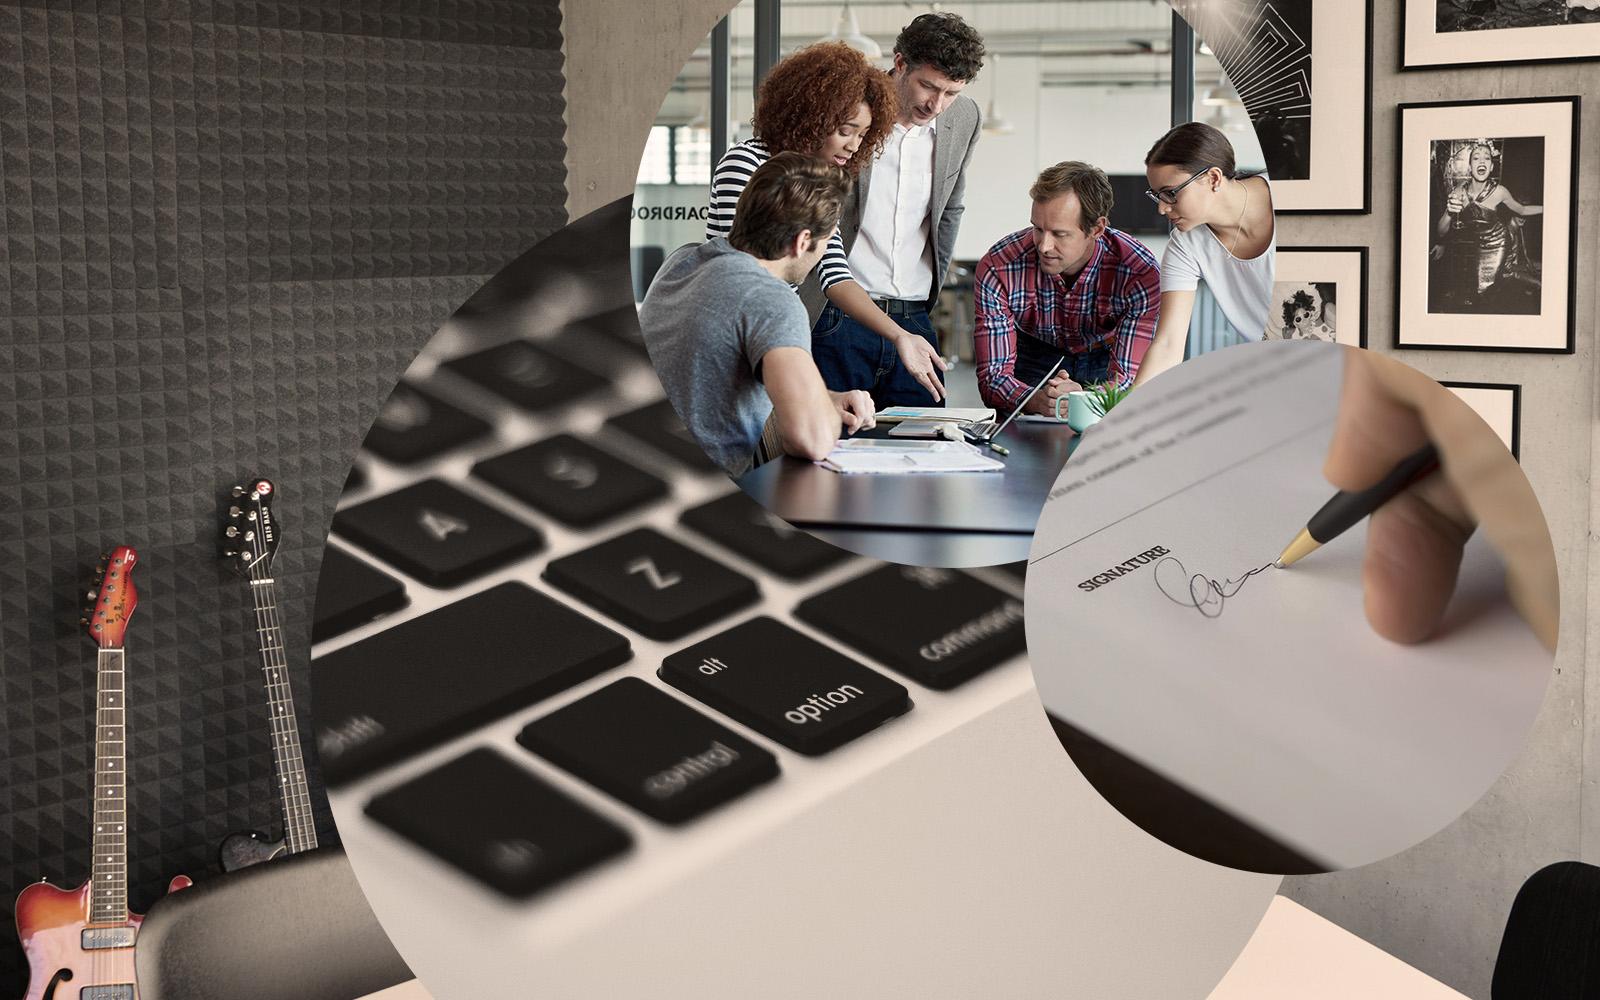 Bild von mehreren Menschen, die beratend um einen Laptop stehen, im Hintergrund ein Konferenzraum sowie die Nahaufnahme einer Computertastatur und eines unterschriebenen Vertrags